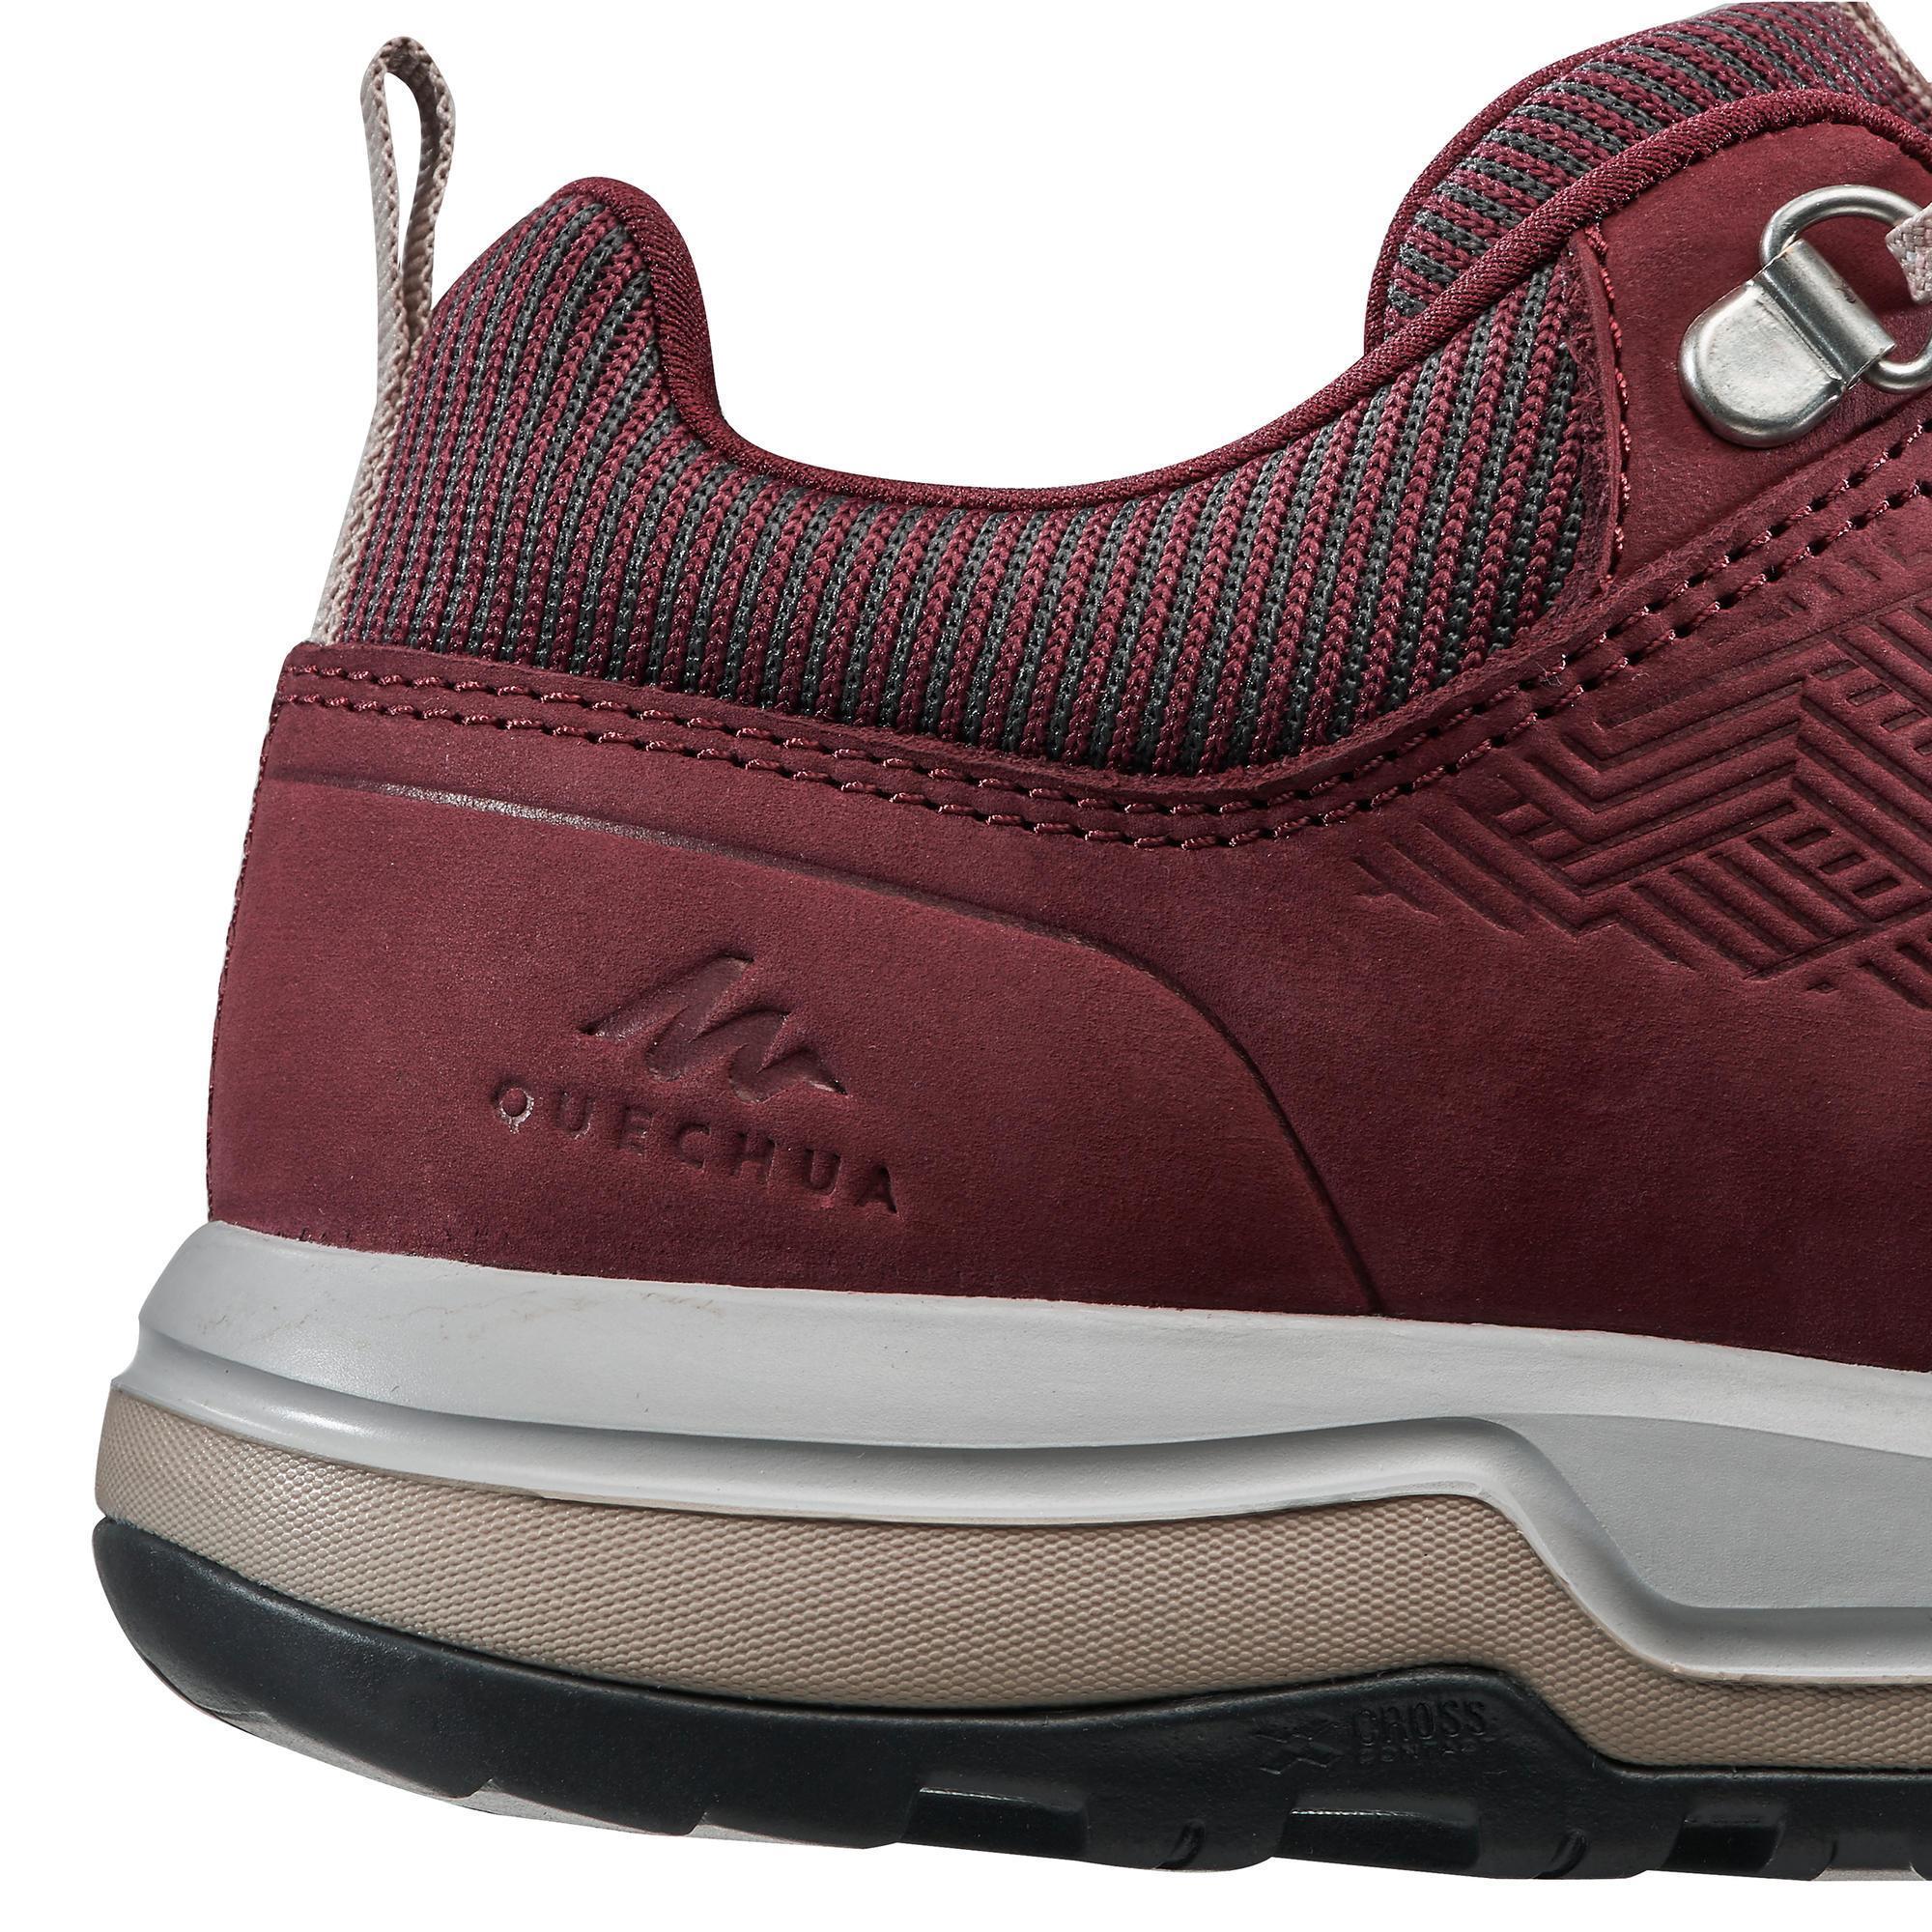 zapatillas skechers mujer verano 2019 xl usados